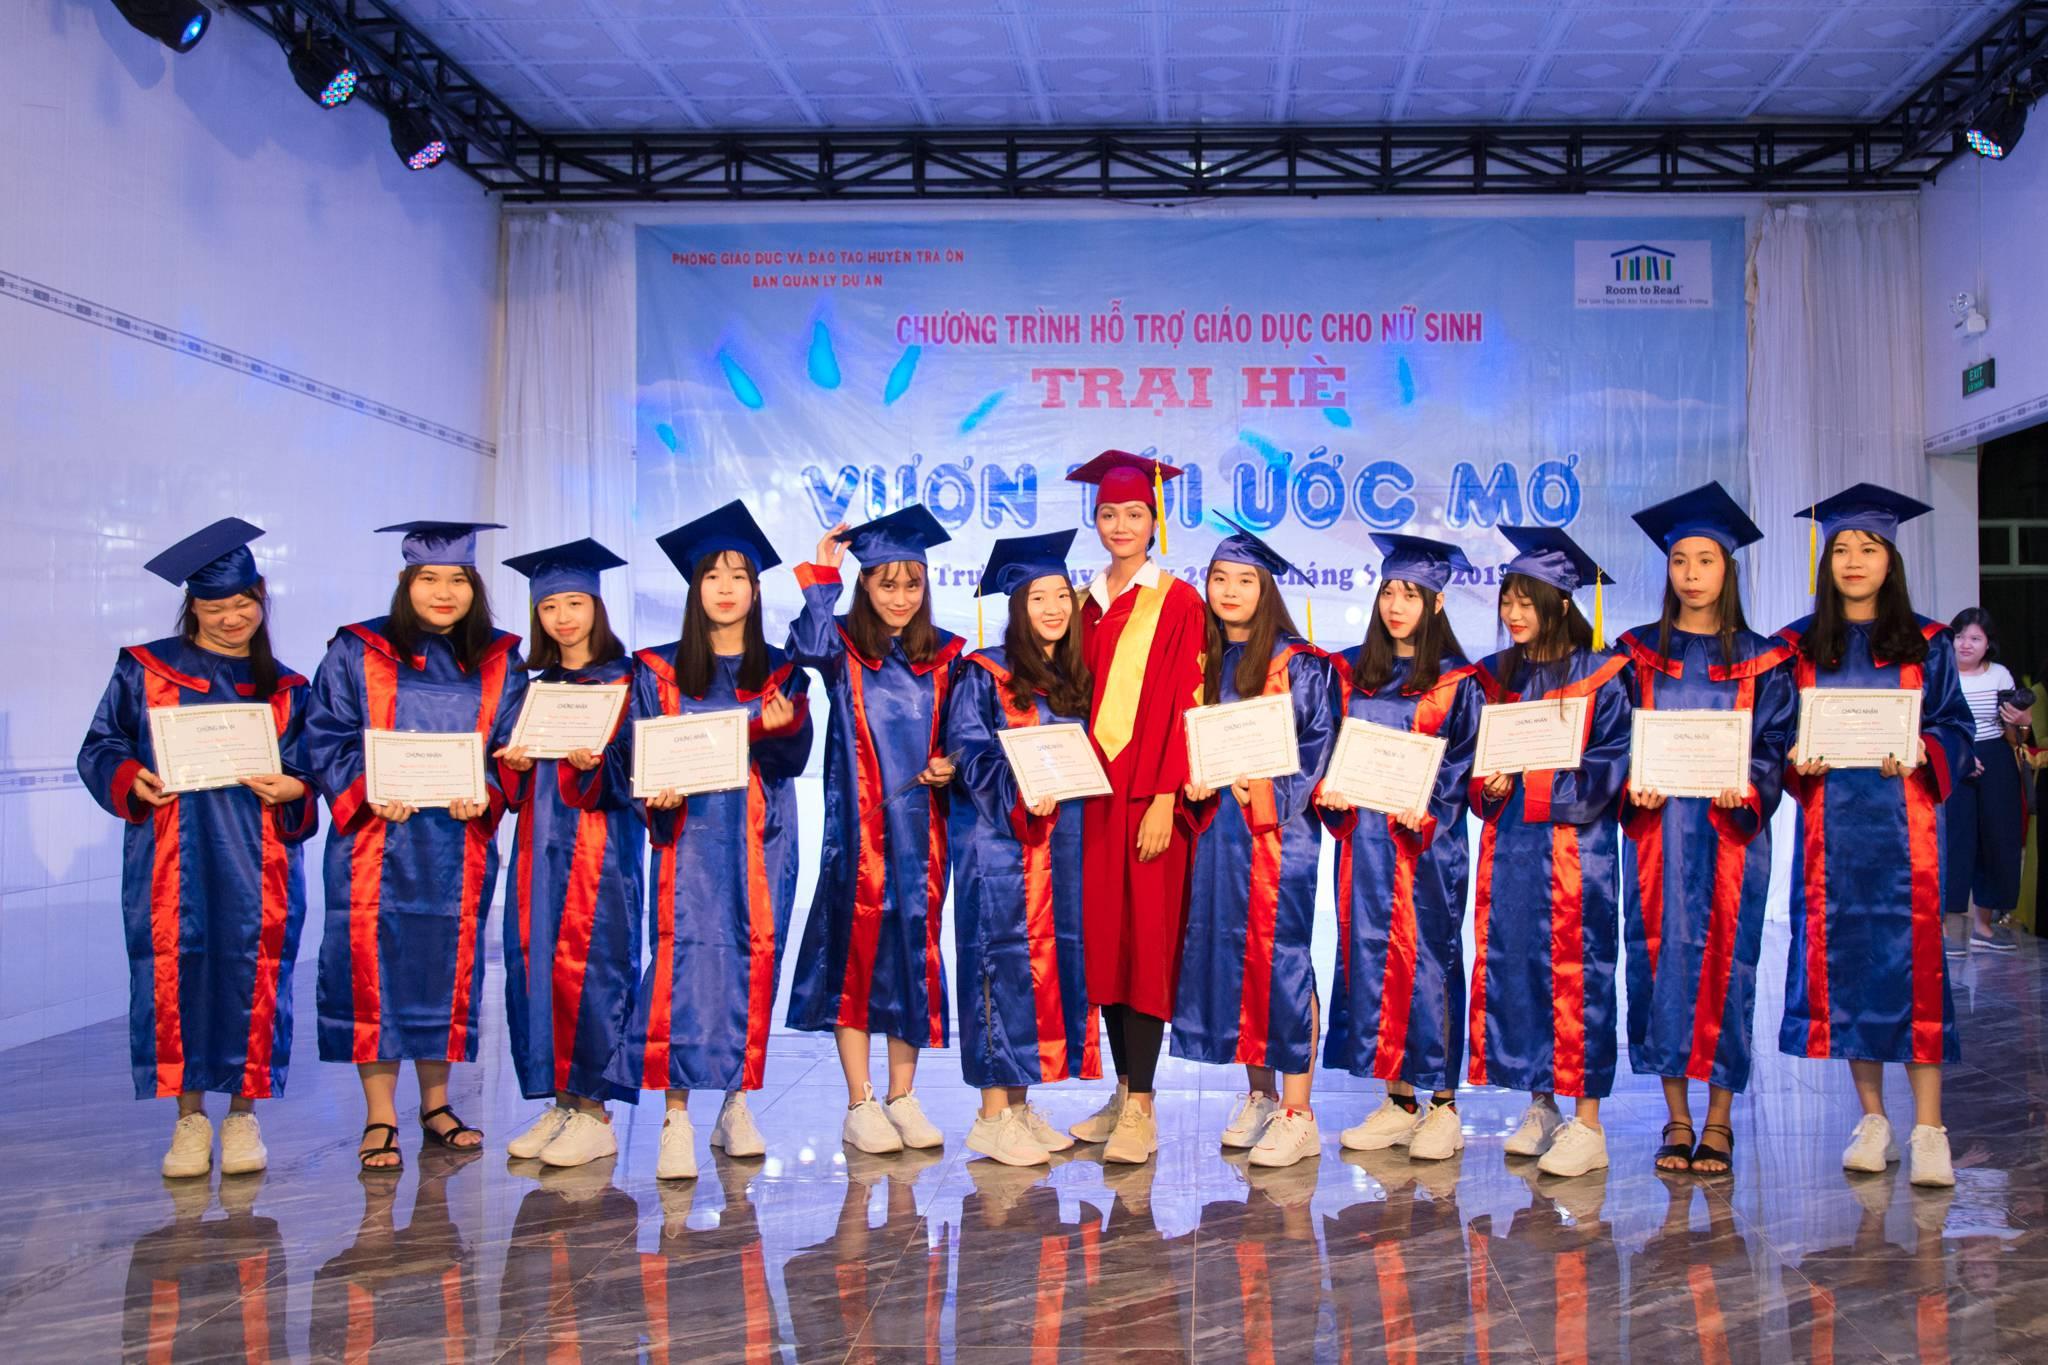 Hoa Hau HHen Nie_Tham gia trai he nu sinh tai Vinh Long (3)